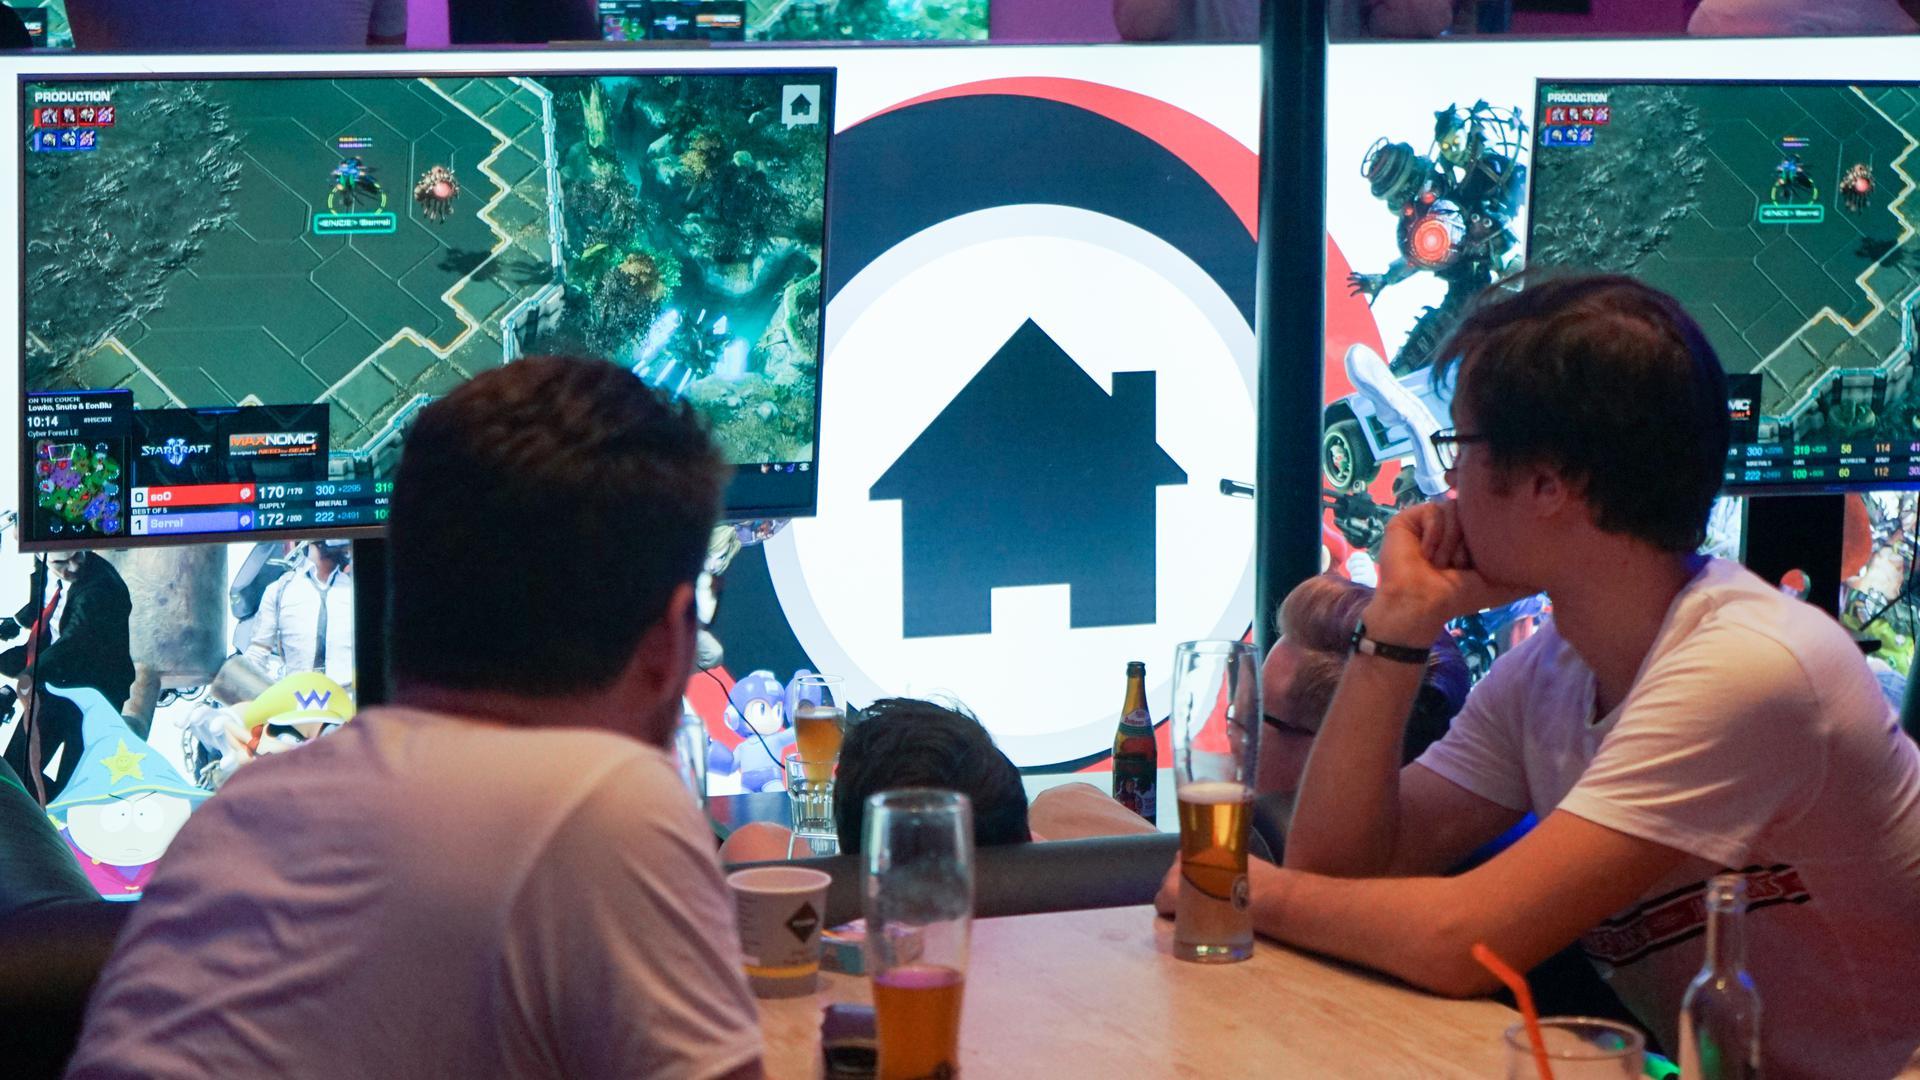 """Gäste verfolgen in der Takes Bar das E-Sport-Turnier «Homestory Cup». Zweimal im Jahr zieht es internationale Top-Spieler der E-Sport-Disziplin Starcraft 2 nach Krefeld. Zum «Homestory Cup» kommen 32 Top-Spieler aus aller Welt, um sich in der Disziplin Starcraft 2 zu messen. (zu dpa """"Weltmeister in Bar-Atmosphäre beim E-Sport-Turnier «Homestory Cup») +++ dpa-Bildfunk +++"""